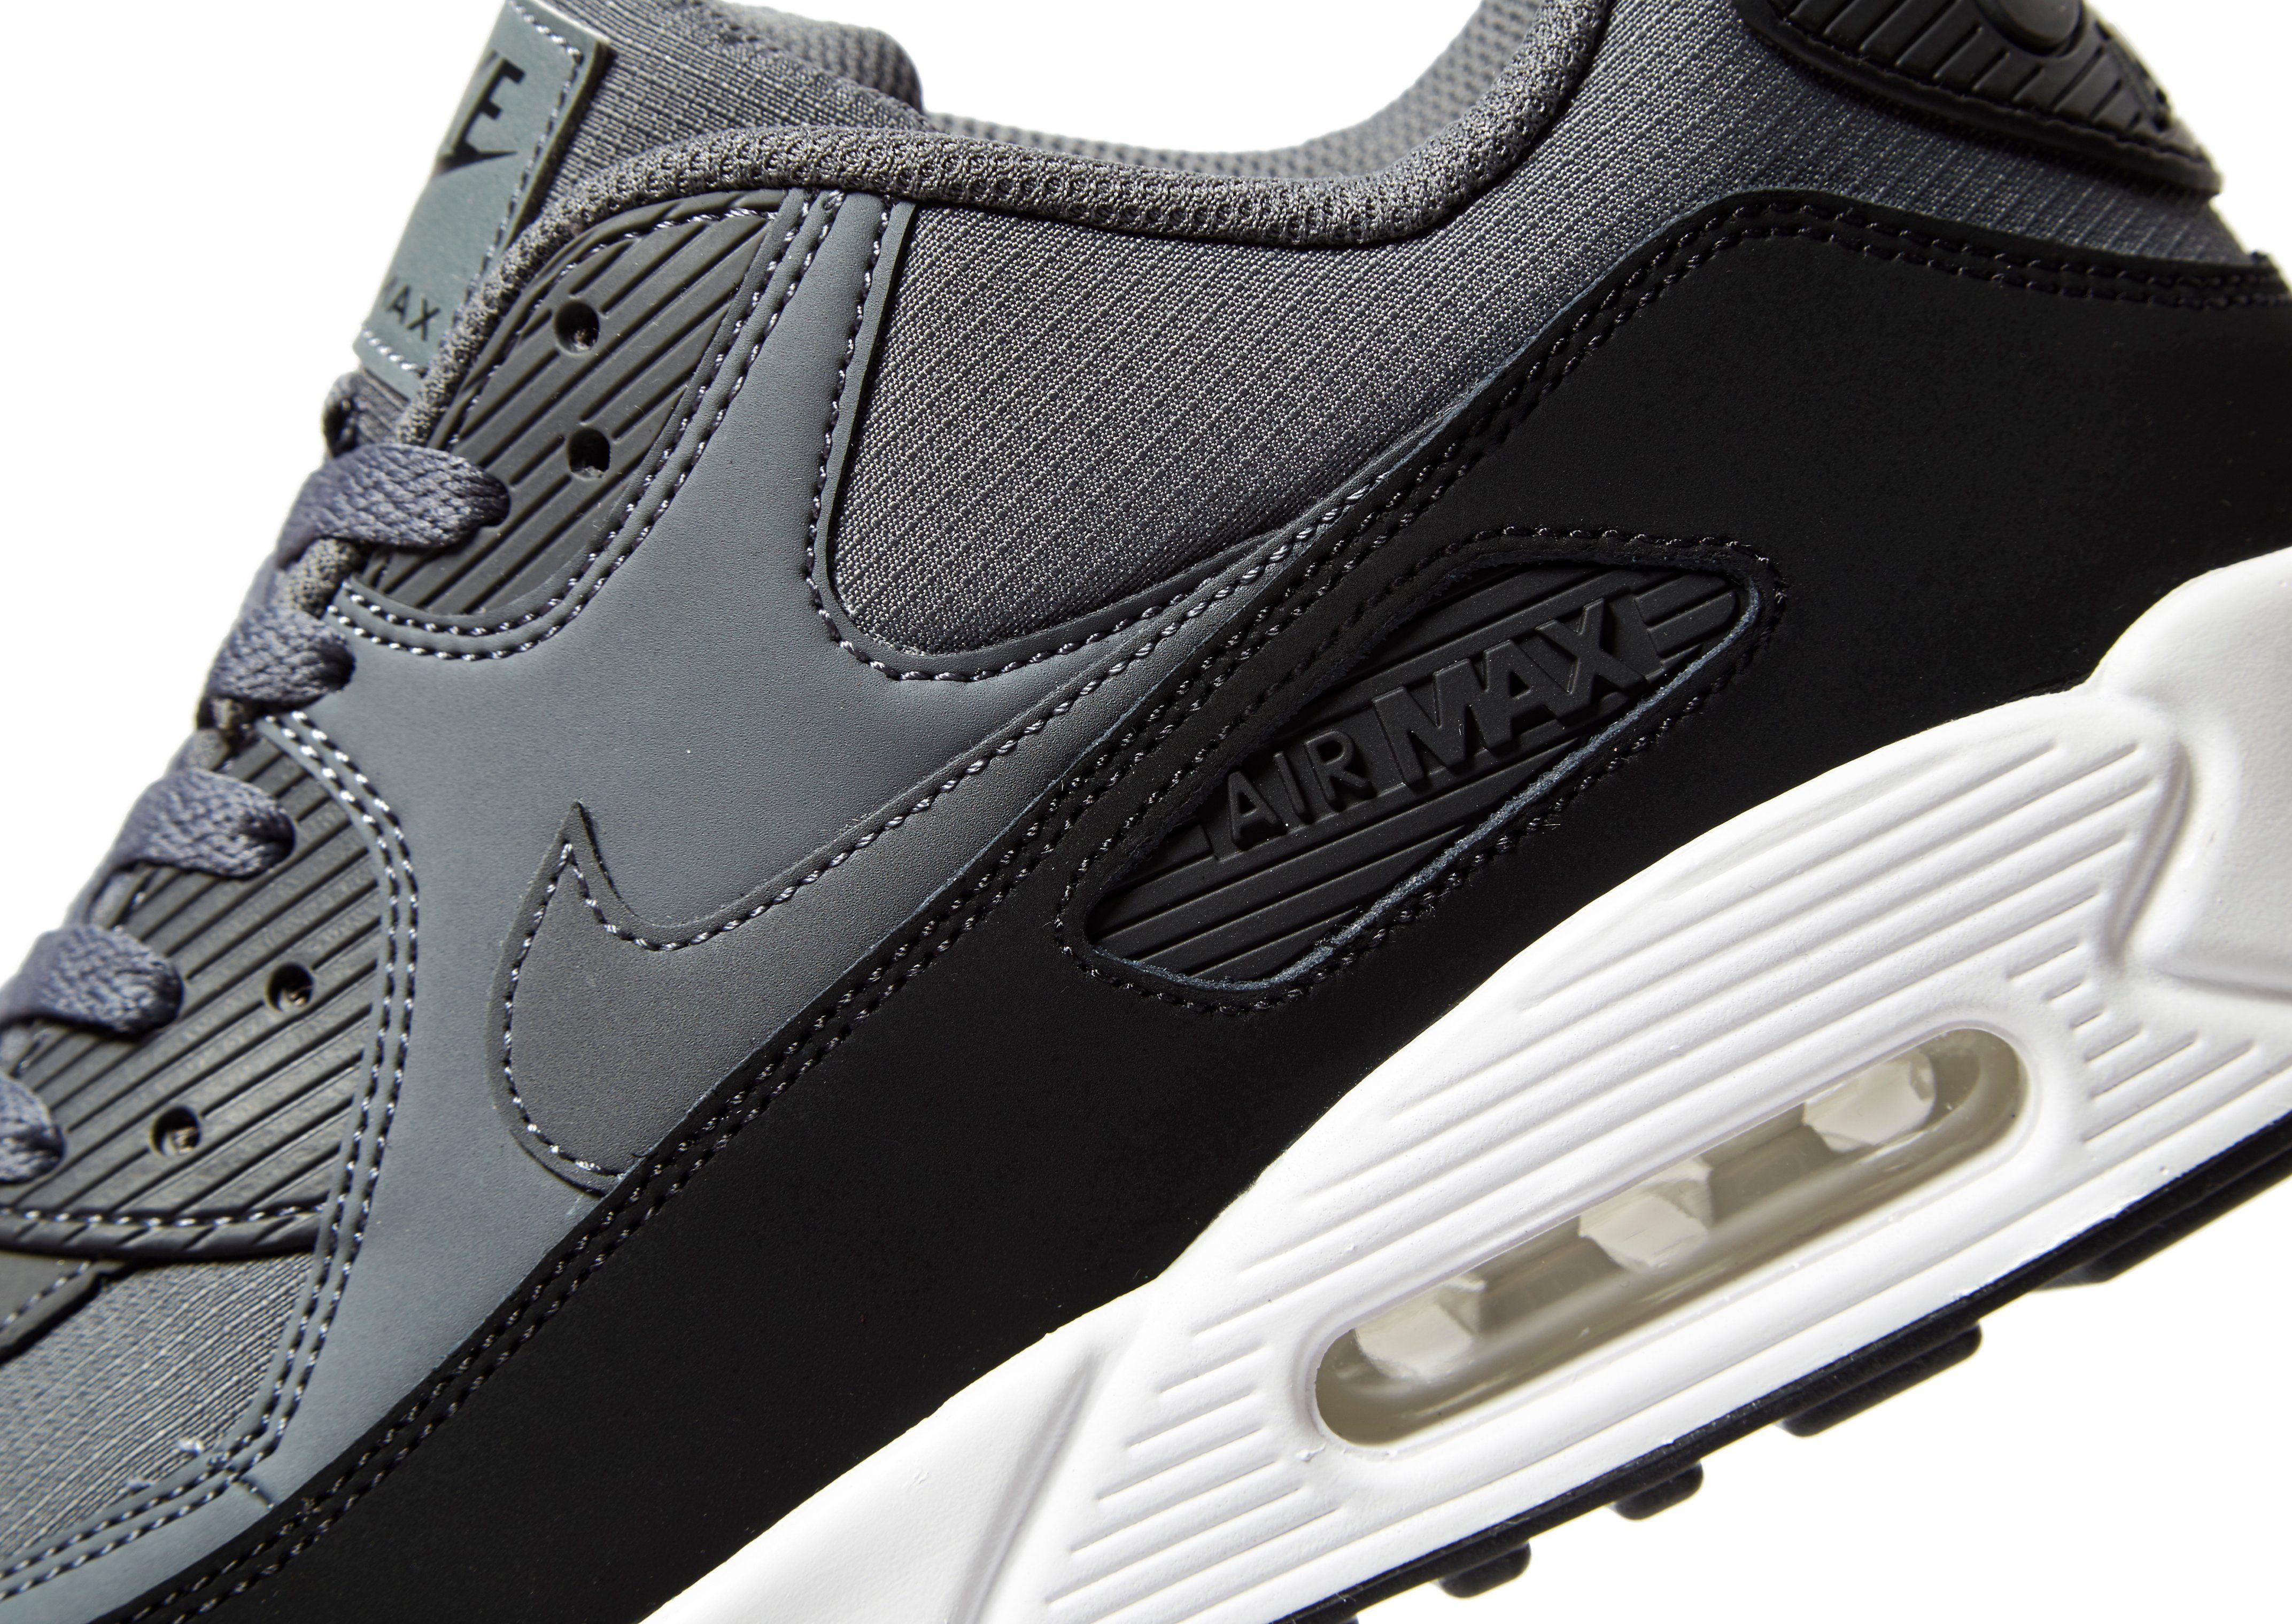 2018 Unisex Zum Verkauf Offizielle Seite Nike Air Max 90 Essential Grau Am Billigsten kBz2N8ha